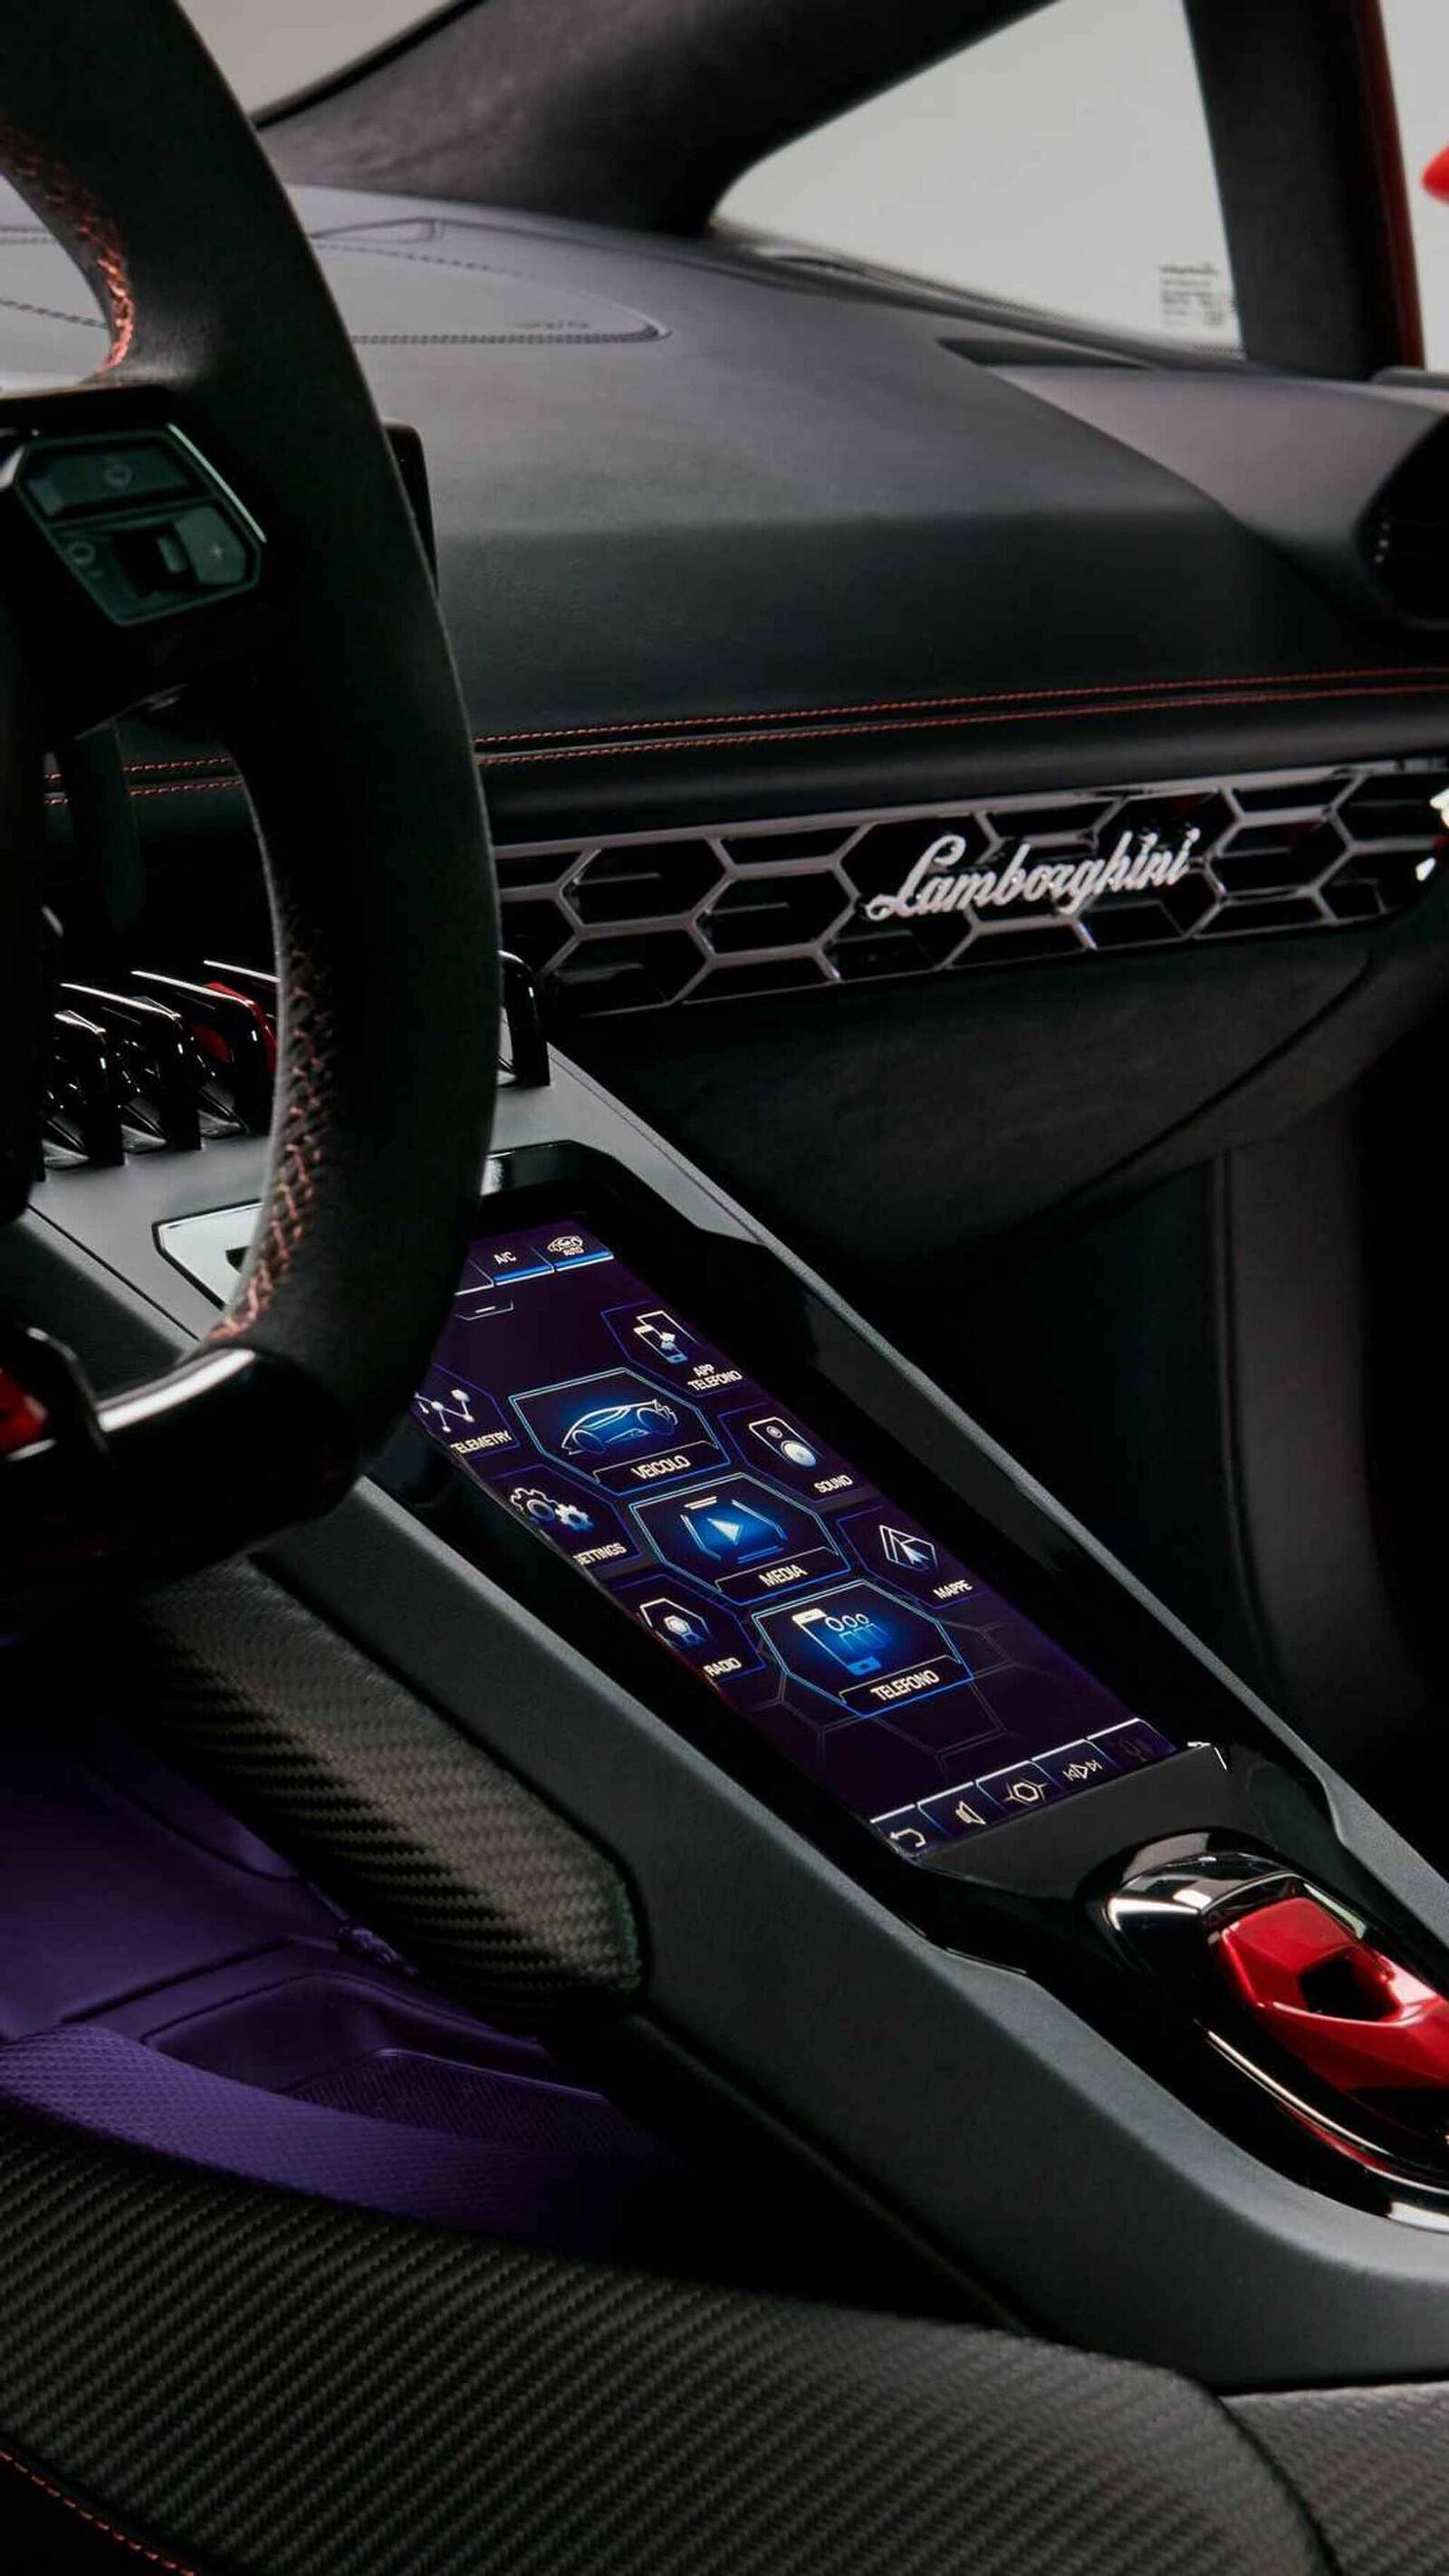 Lamborghini giới thiệu Huracan EVO mới với sức mạnh 640 mã lực - Hình 9